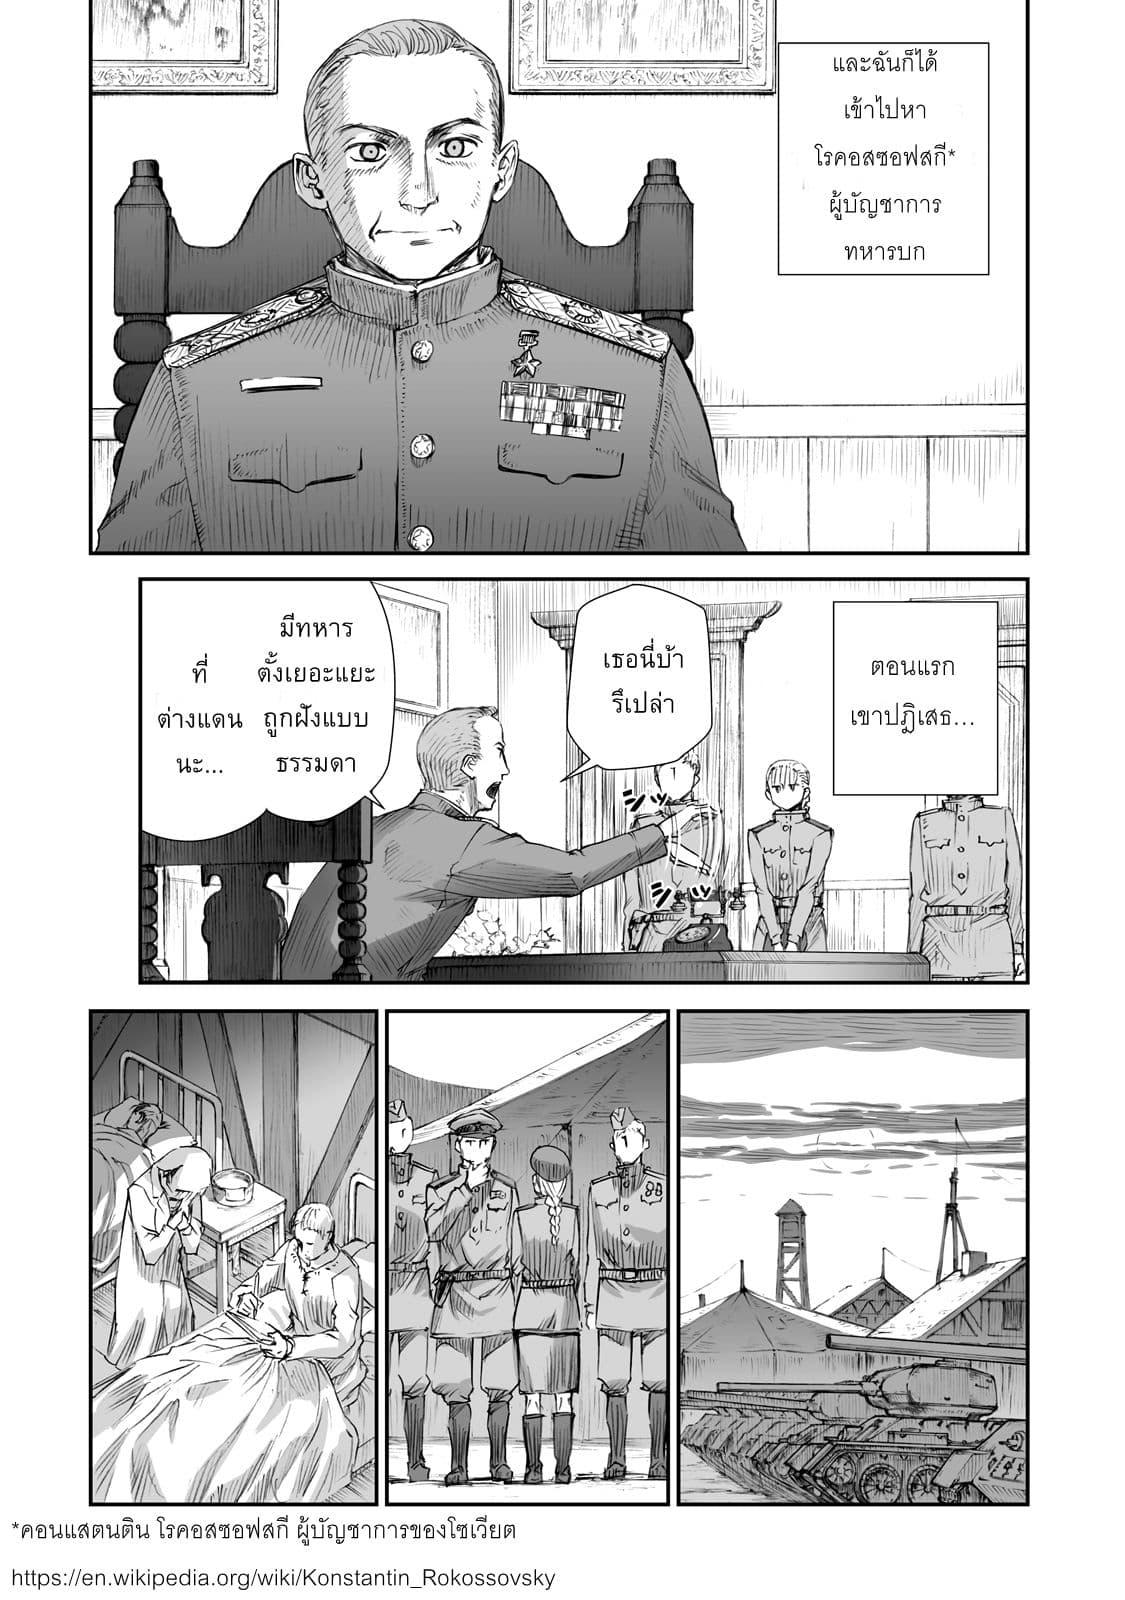 อ่านการ์ตูน Senso wa onna no kao o shite inai ตอนที่ 2 หน้าที่ 21